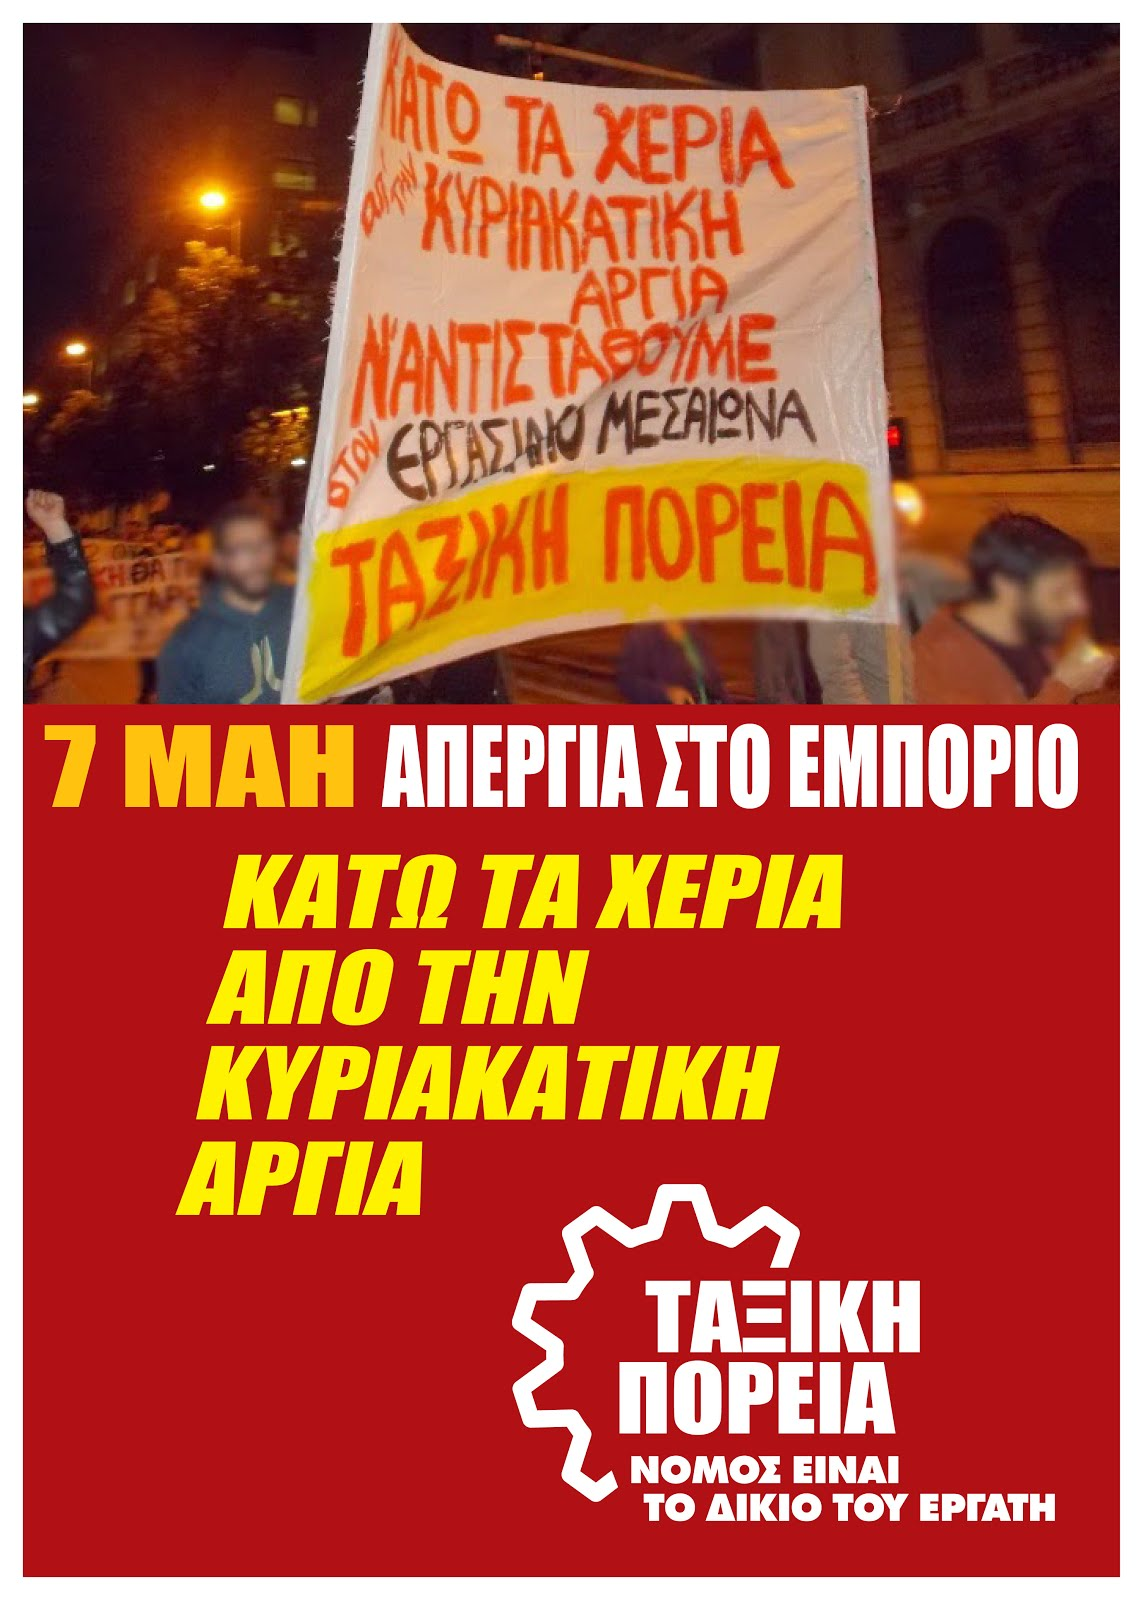 7 ΜΑΗ - ΑΠΕΡΓΙΑ ΣΤΟ ΕΜΠΟΡΙΟ